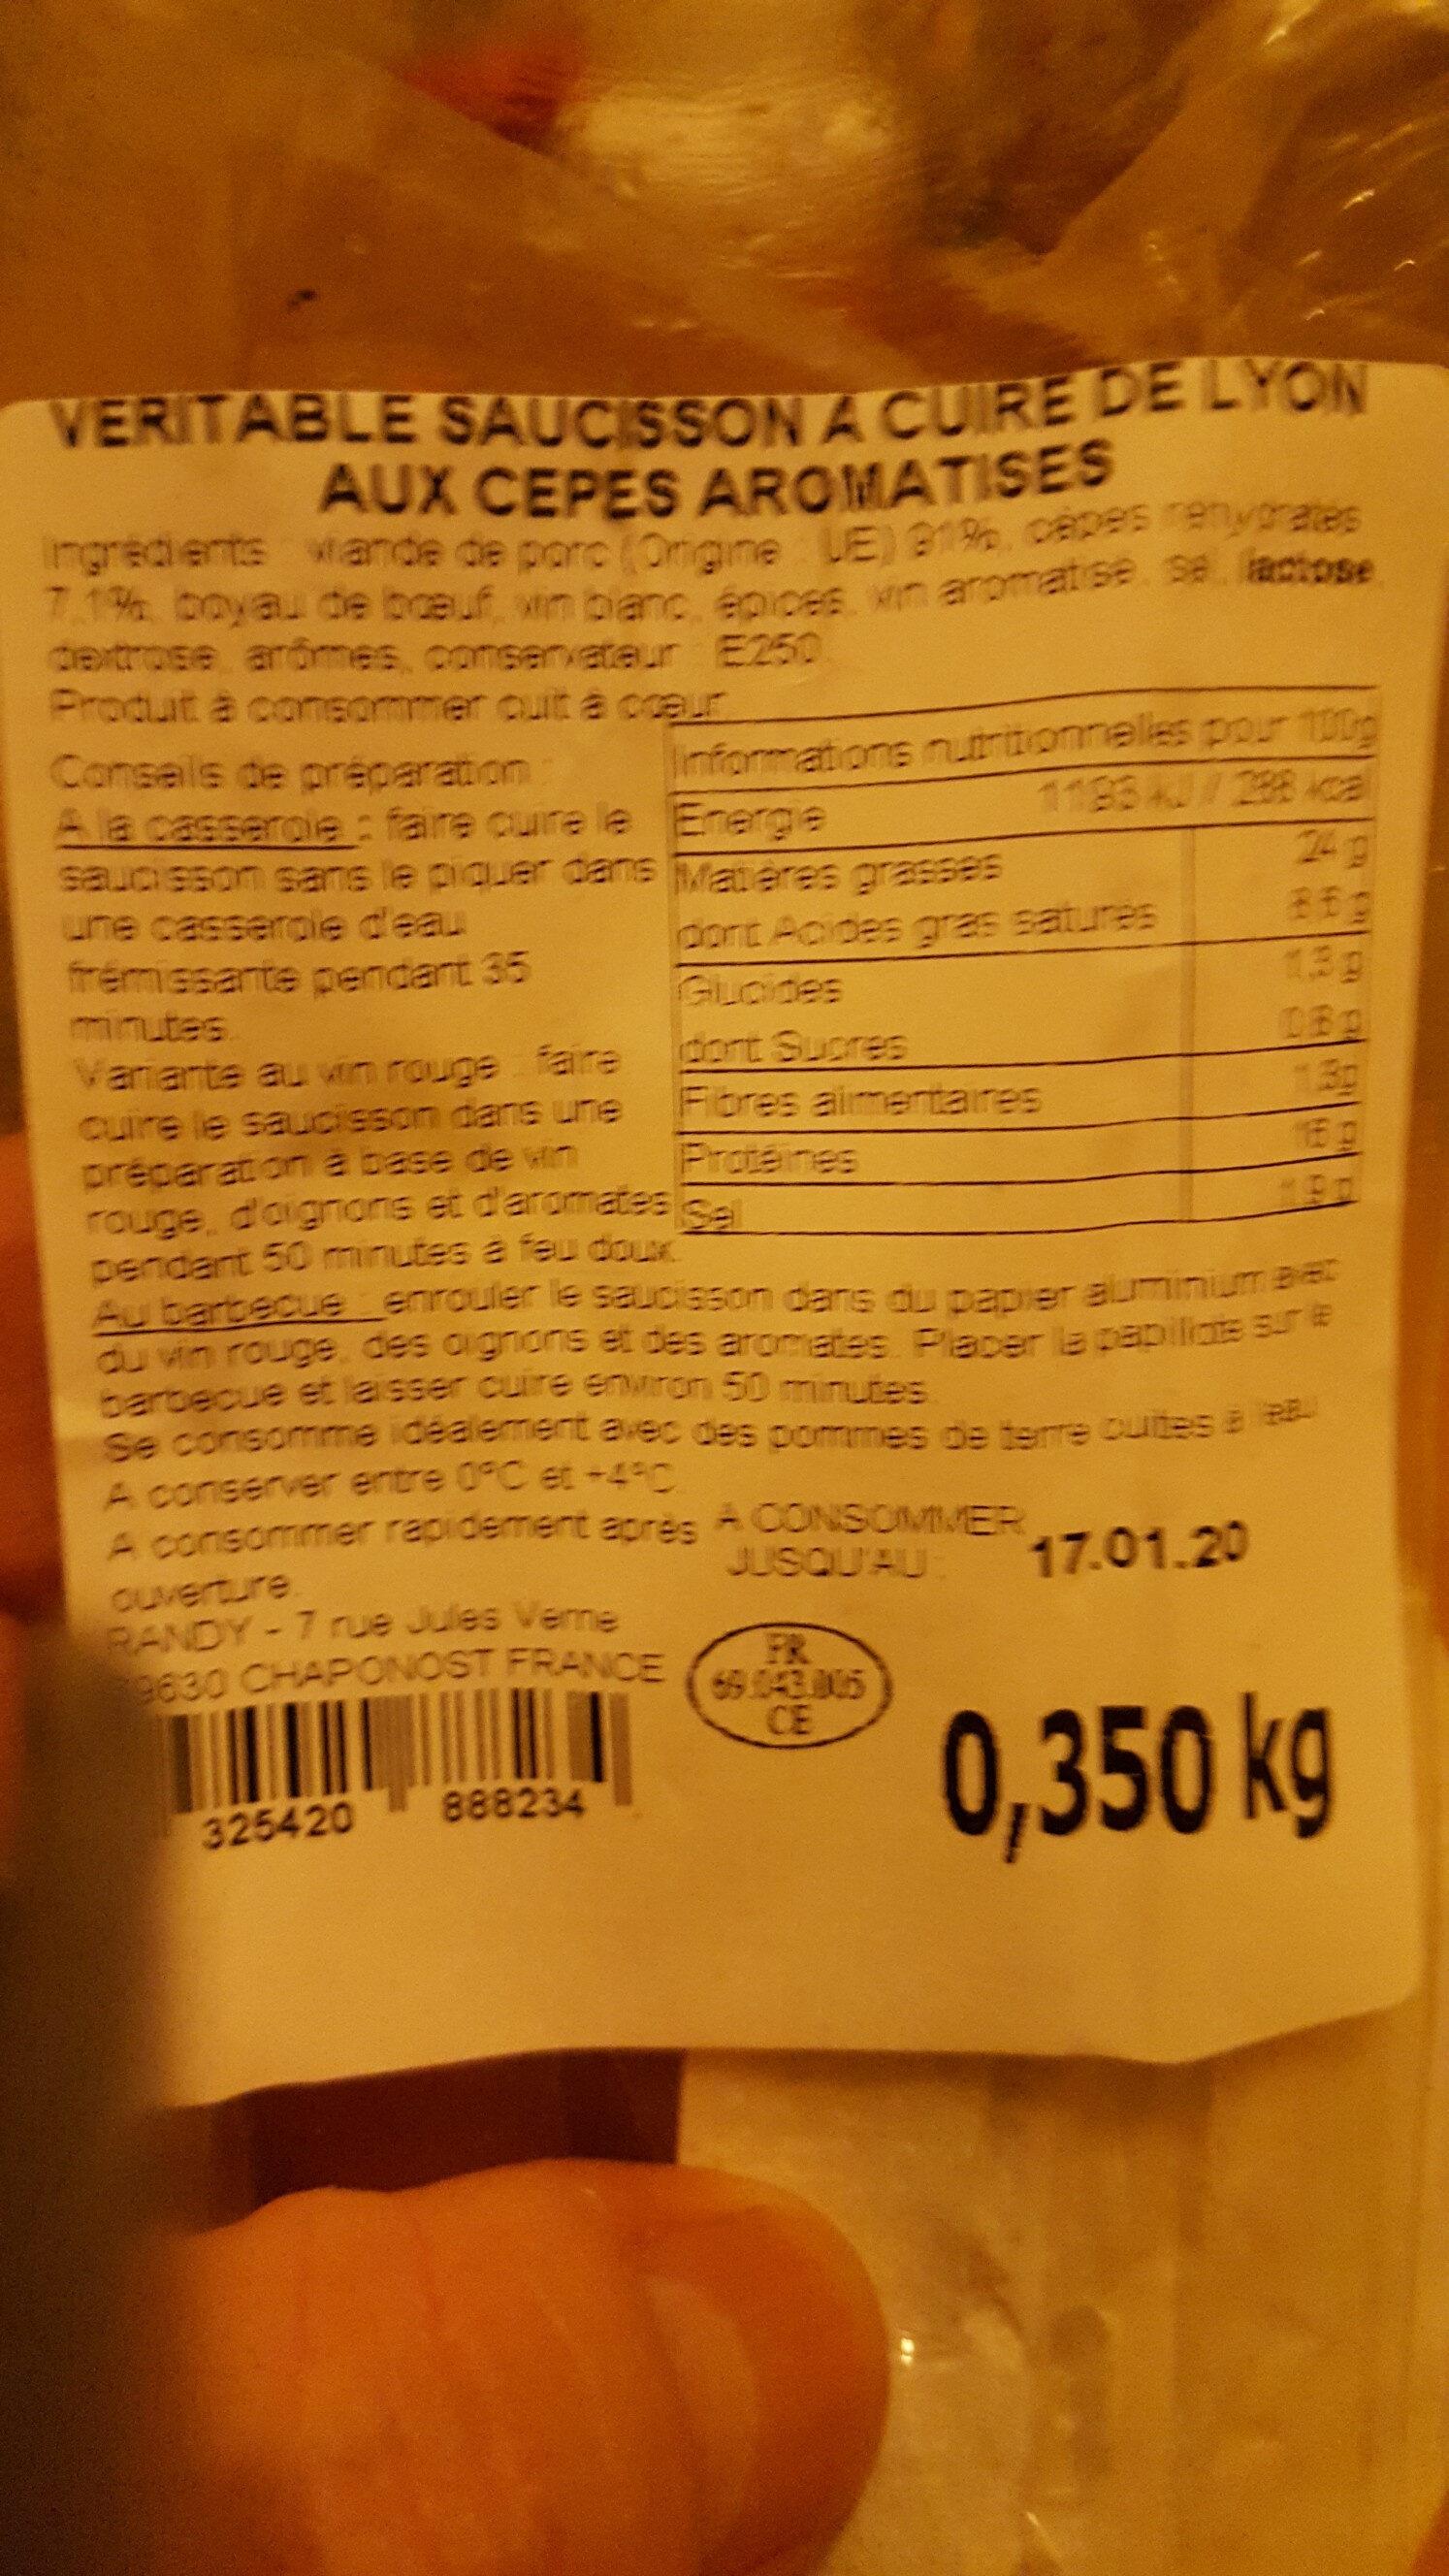 Véritable saucisson à cuire de Lyon aux cèpes - Ingredients